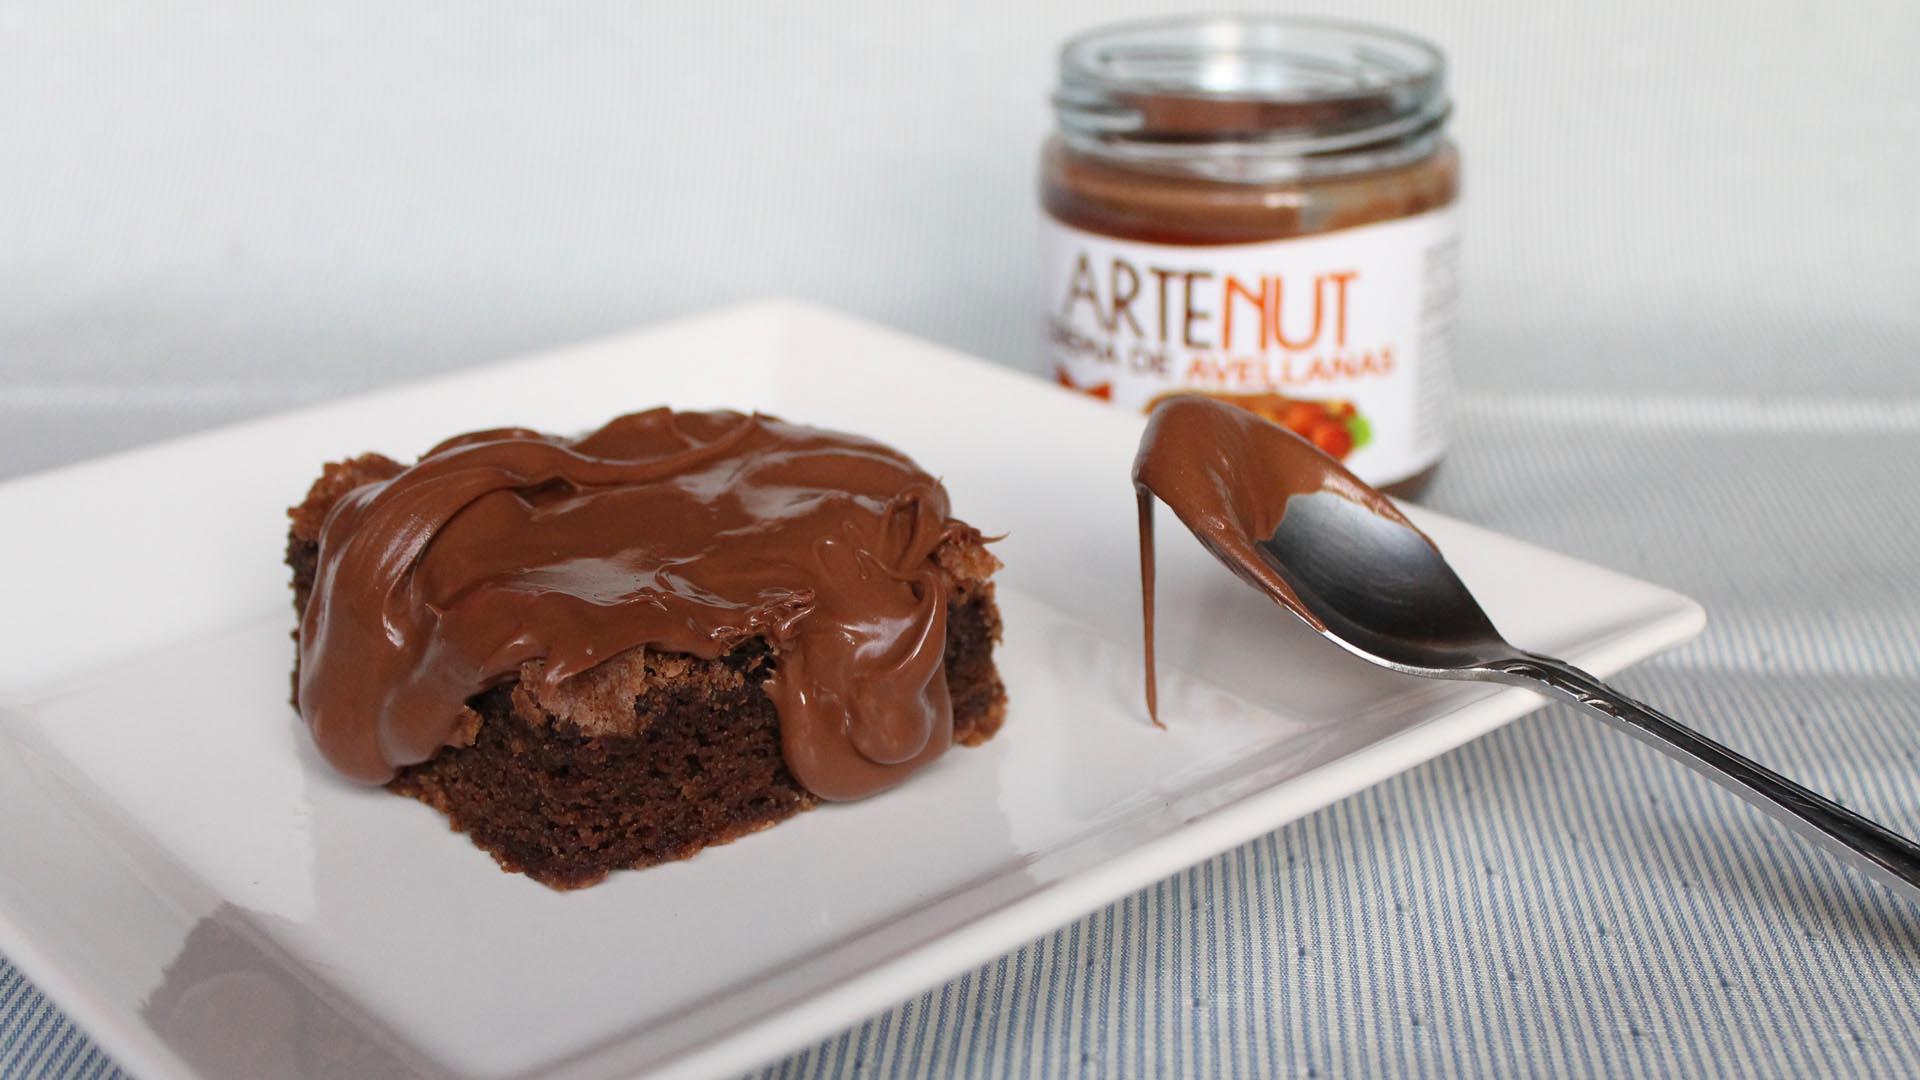 Crema de Avellanas Artenut con brownie